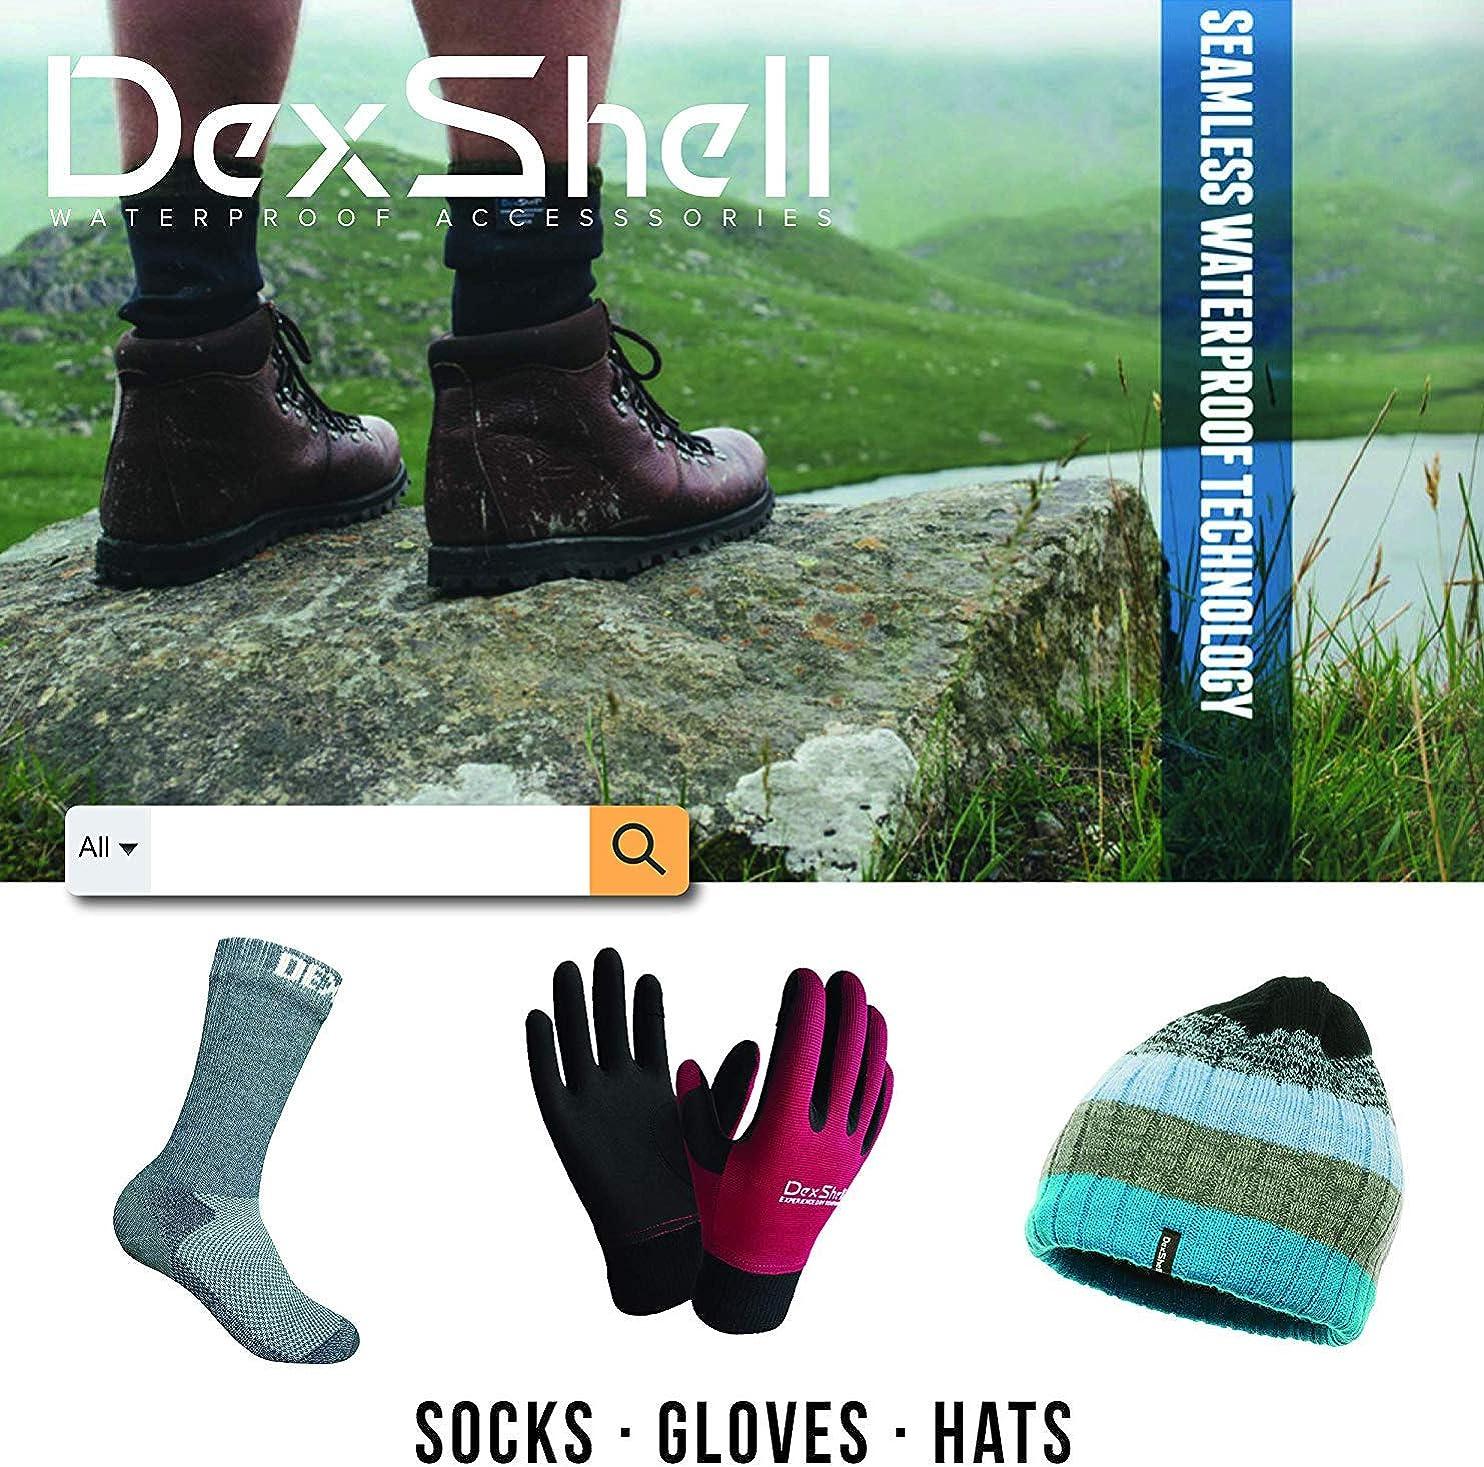 DexShell Waterproof Ultraflex Socks with a Helicase sock ring